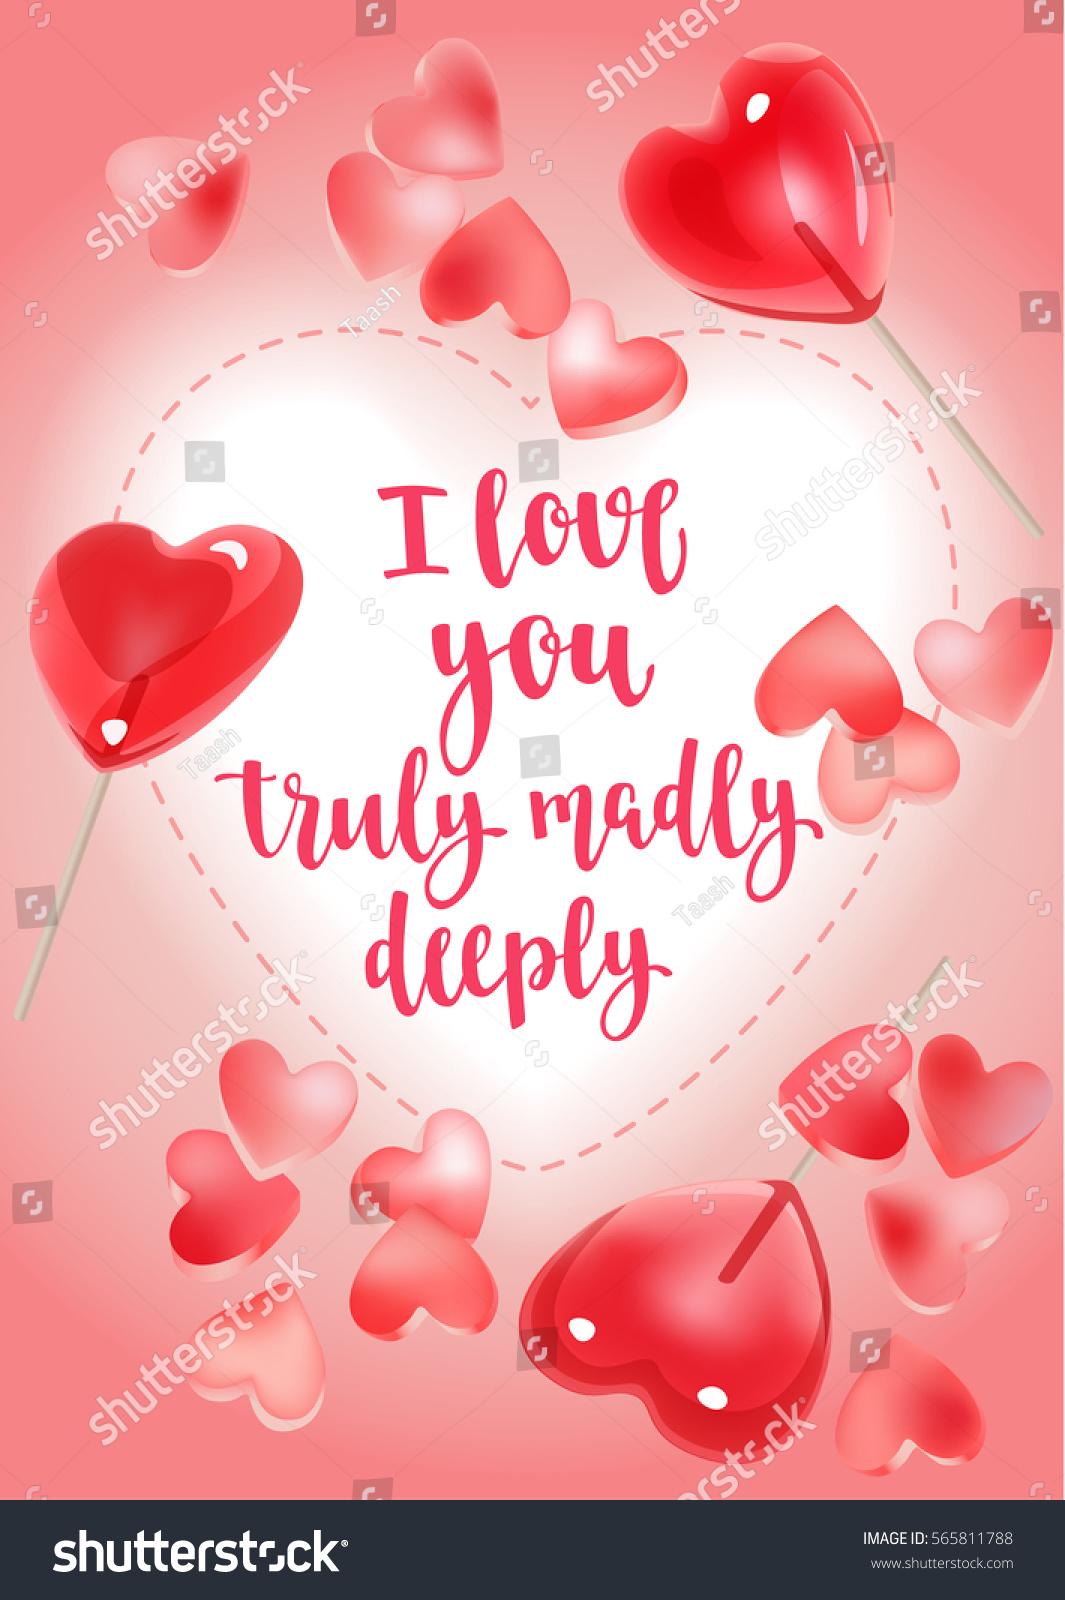 Handwritten Vintage Lettering Romantic Quote Vector Stock Vector 565811788    Shutterstock